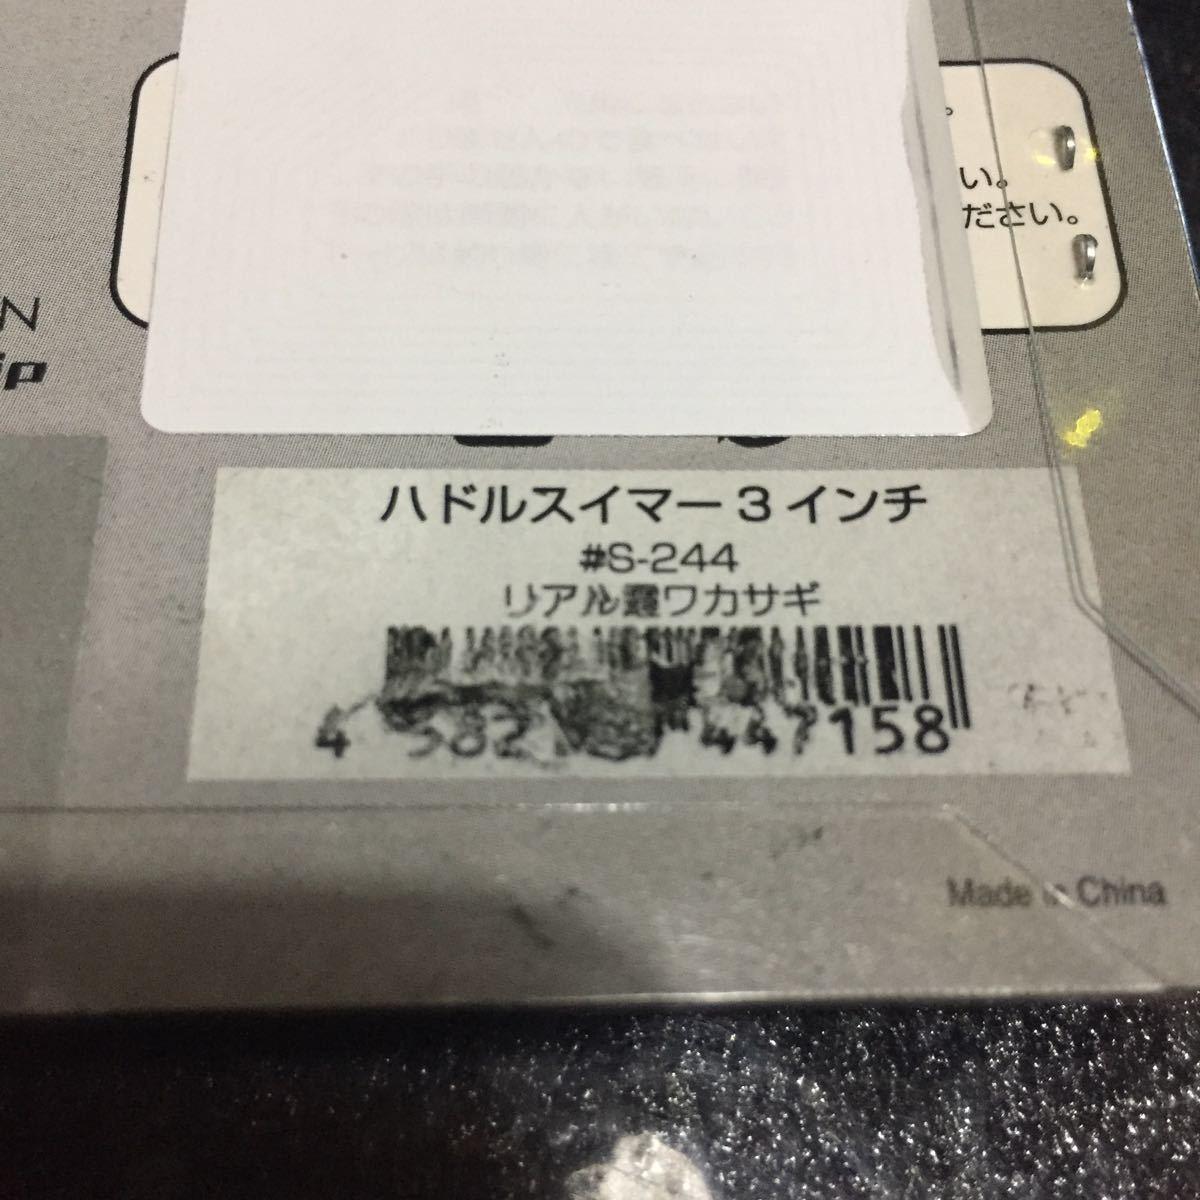 イマカツ IMAKATSU ハドルスイマー 3インチ エコ  FECO リアルカラー 検索 レイジスイマー_画像4